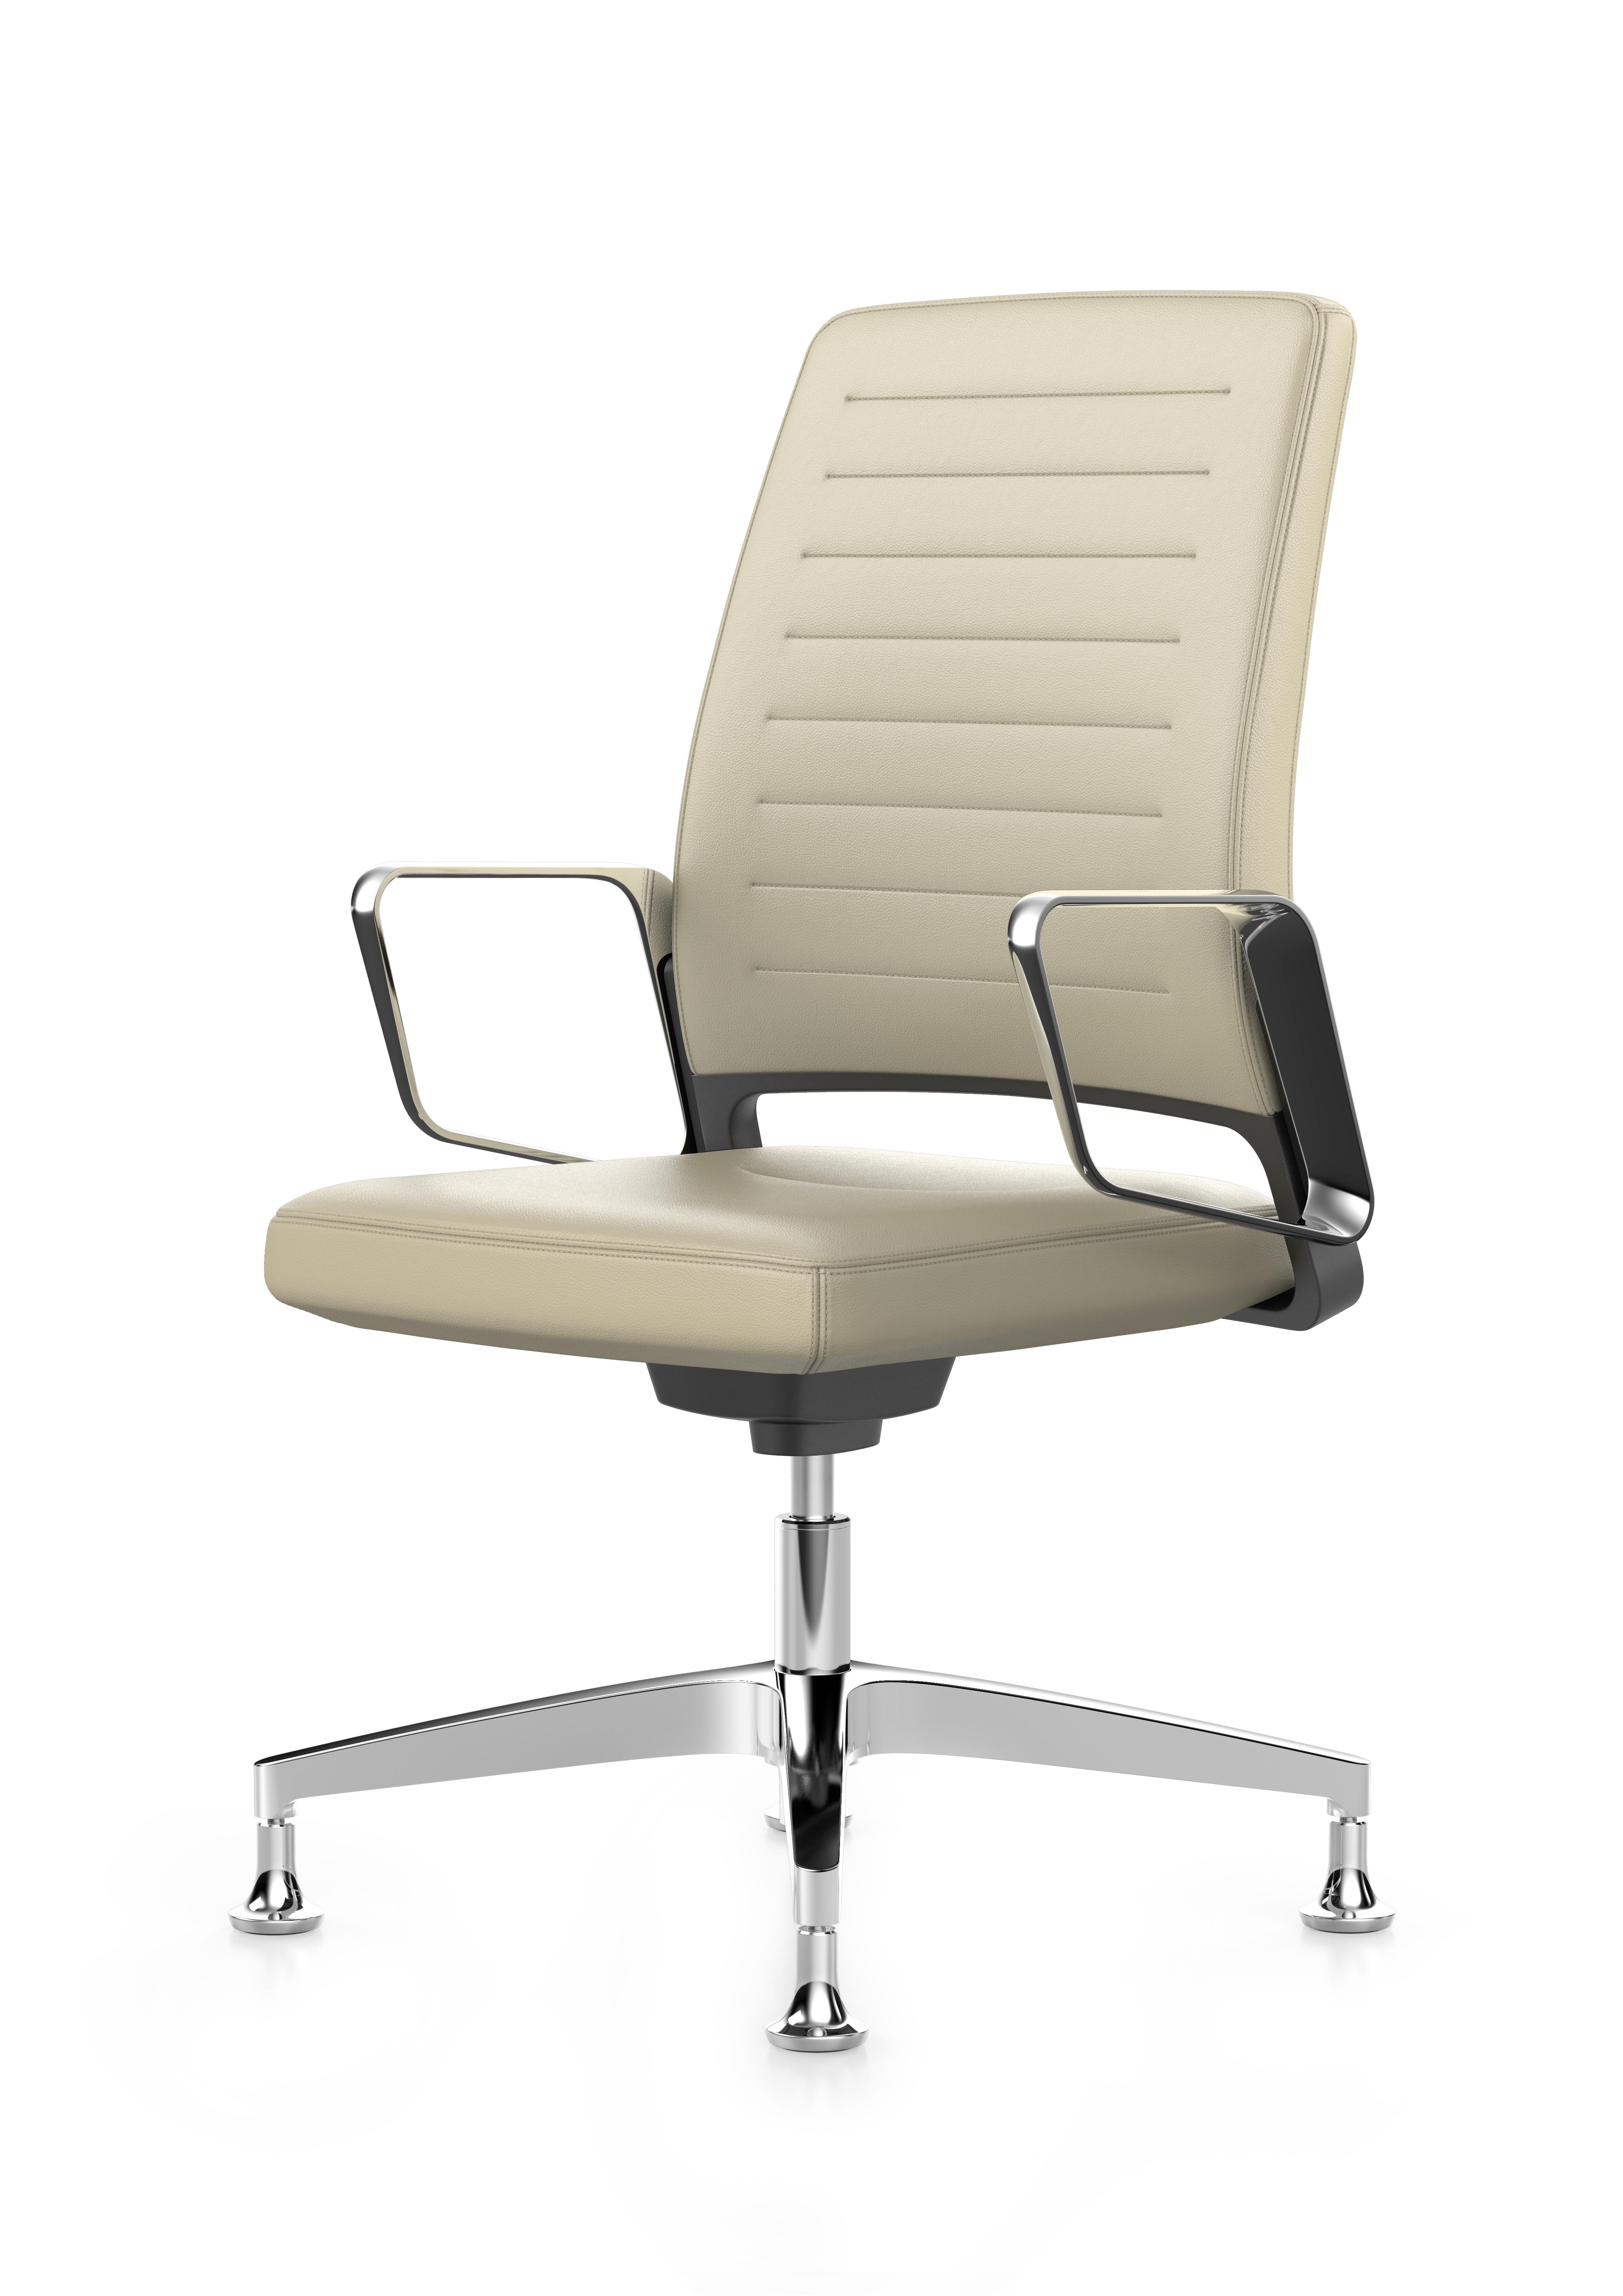 Silla oficina sillas de oficina for Sillas oficina valladolid